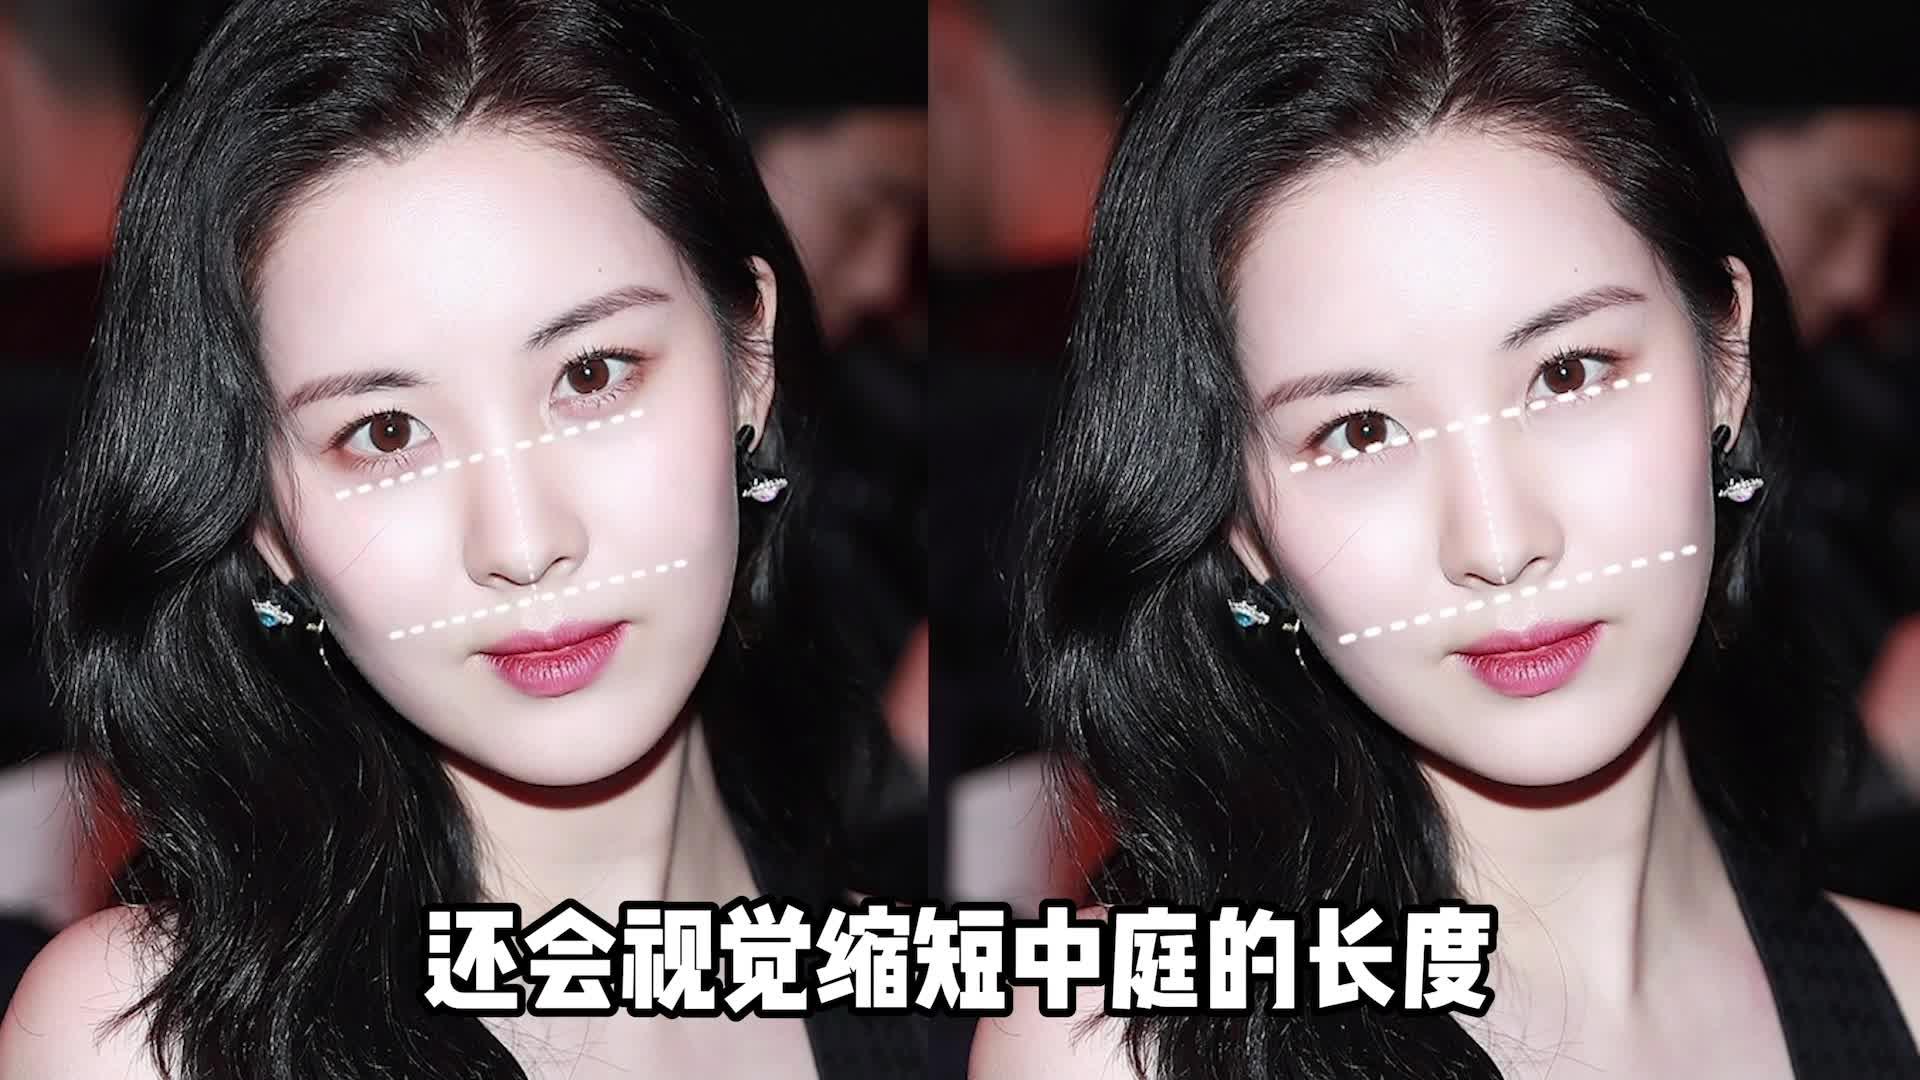 柳智敏为什么被称为ai建模脸?普通人从透明女同学到第一眼美女蜕变的最好模板来了!